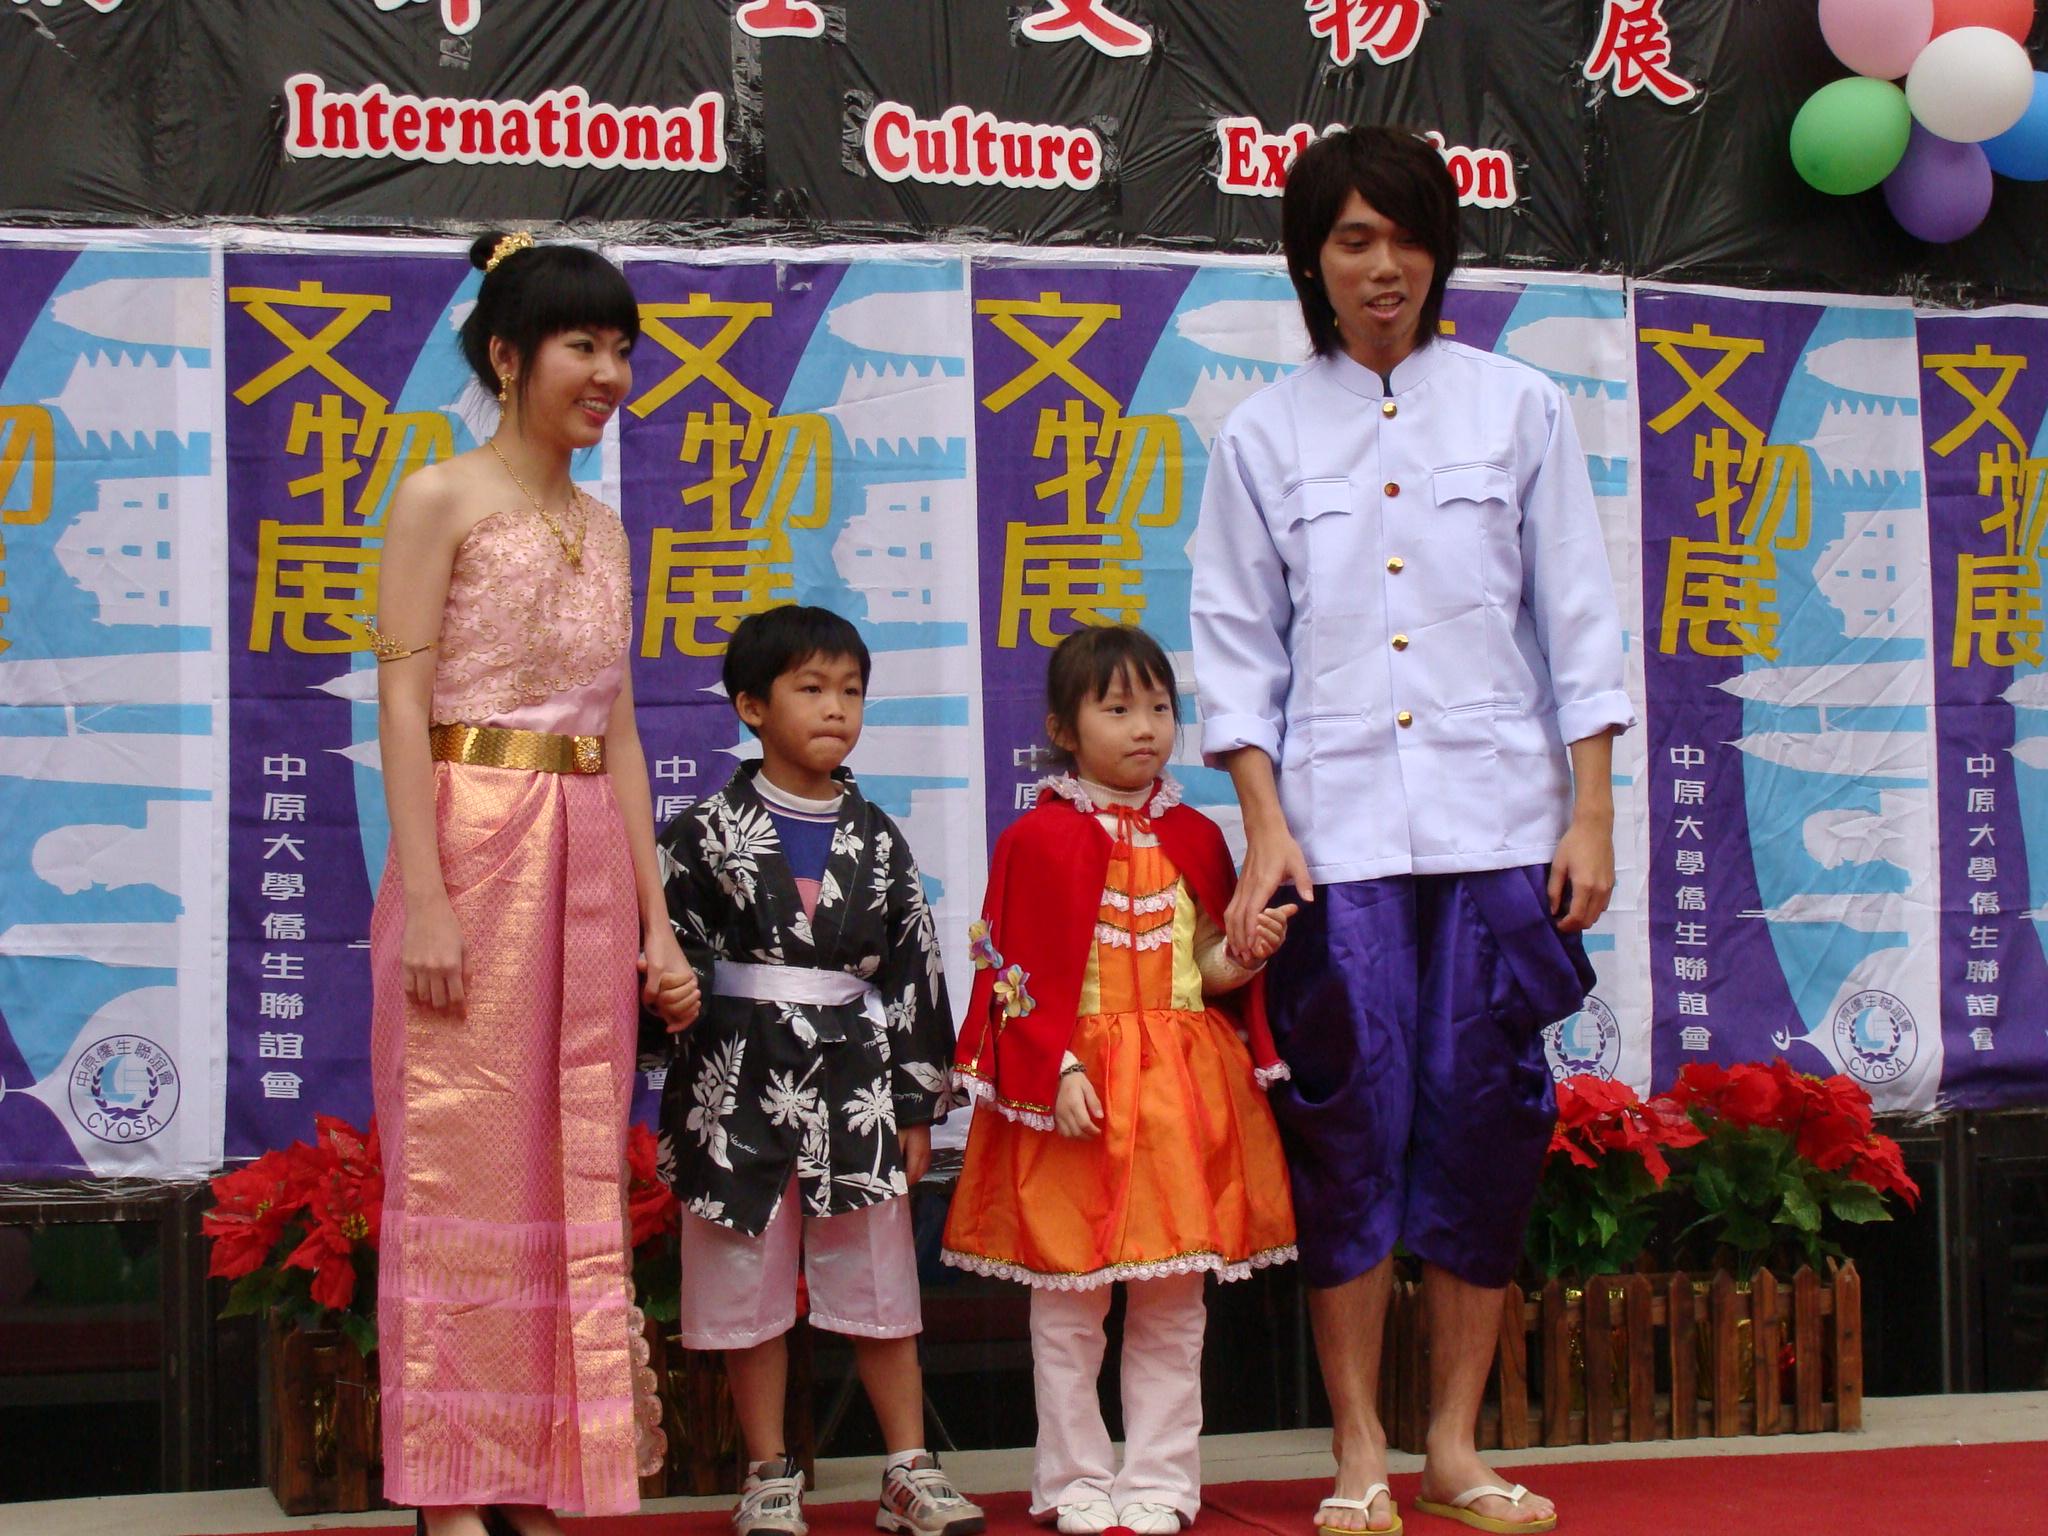 中原大學僑外生文物展 精彩展出異國文物、服飾與美食